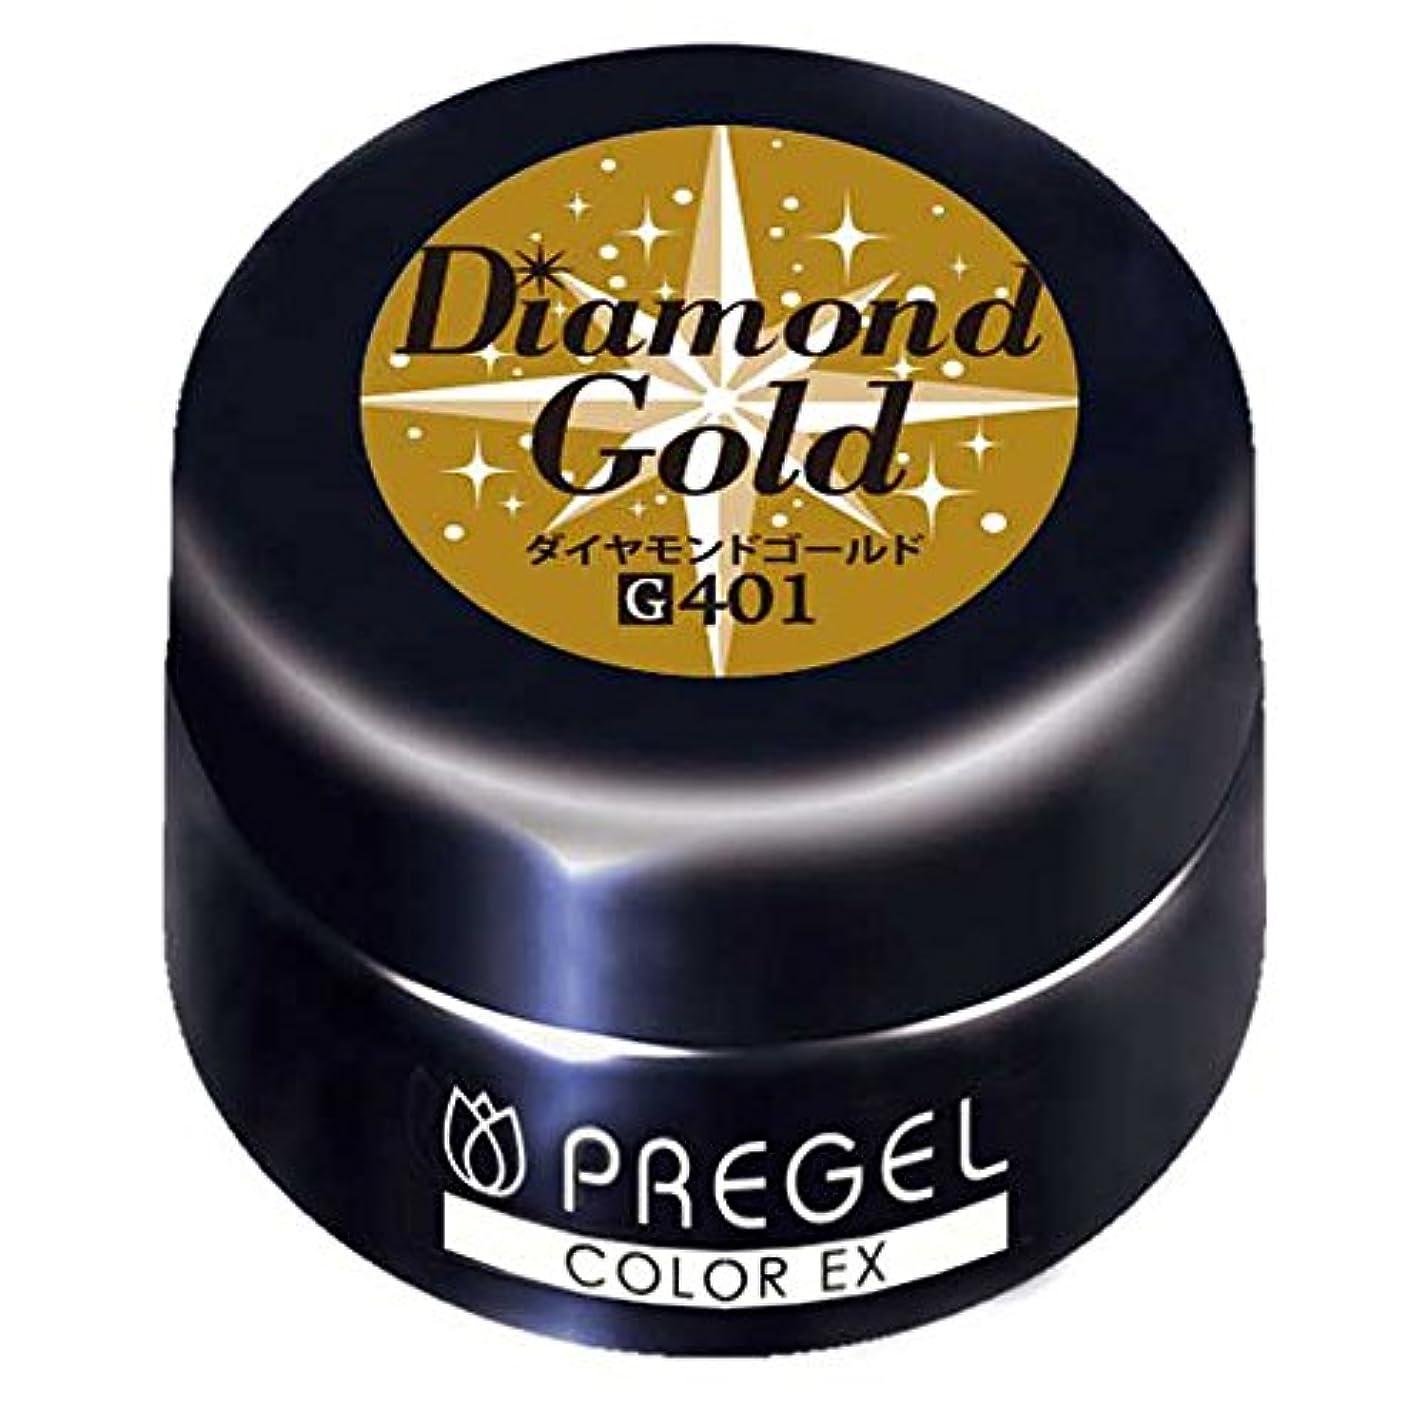 租界前置詞ローンPRE GEL カラーEX ダイヤモンドゴールドCE401 UV/LED対応 カラージェル